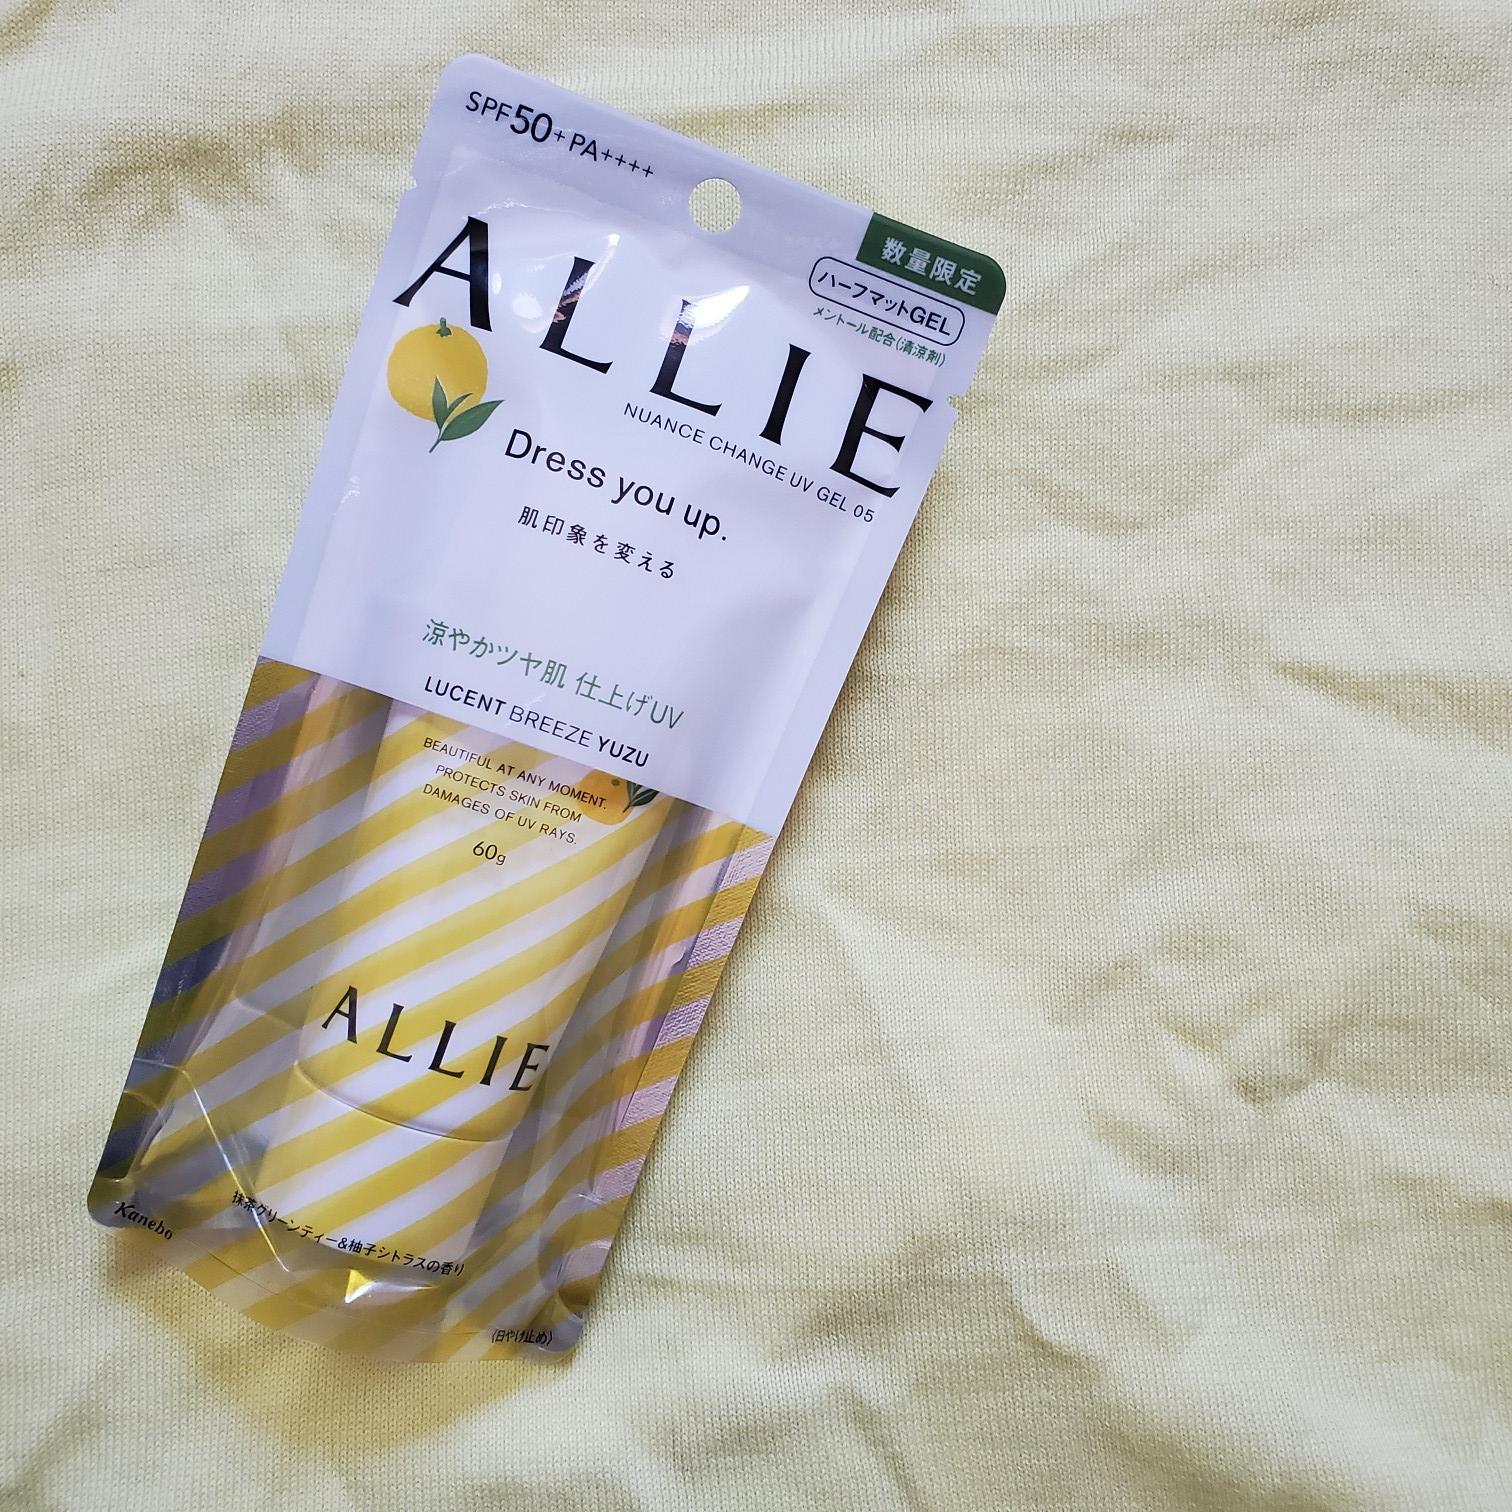 《夏の日焼け止め》数量限定さわやかに香る柚子シトラス【ALLIE】_3